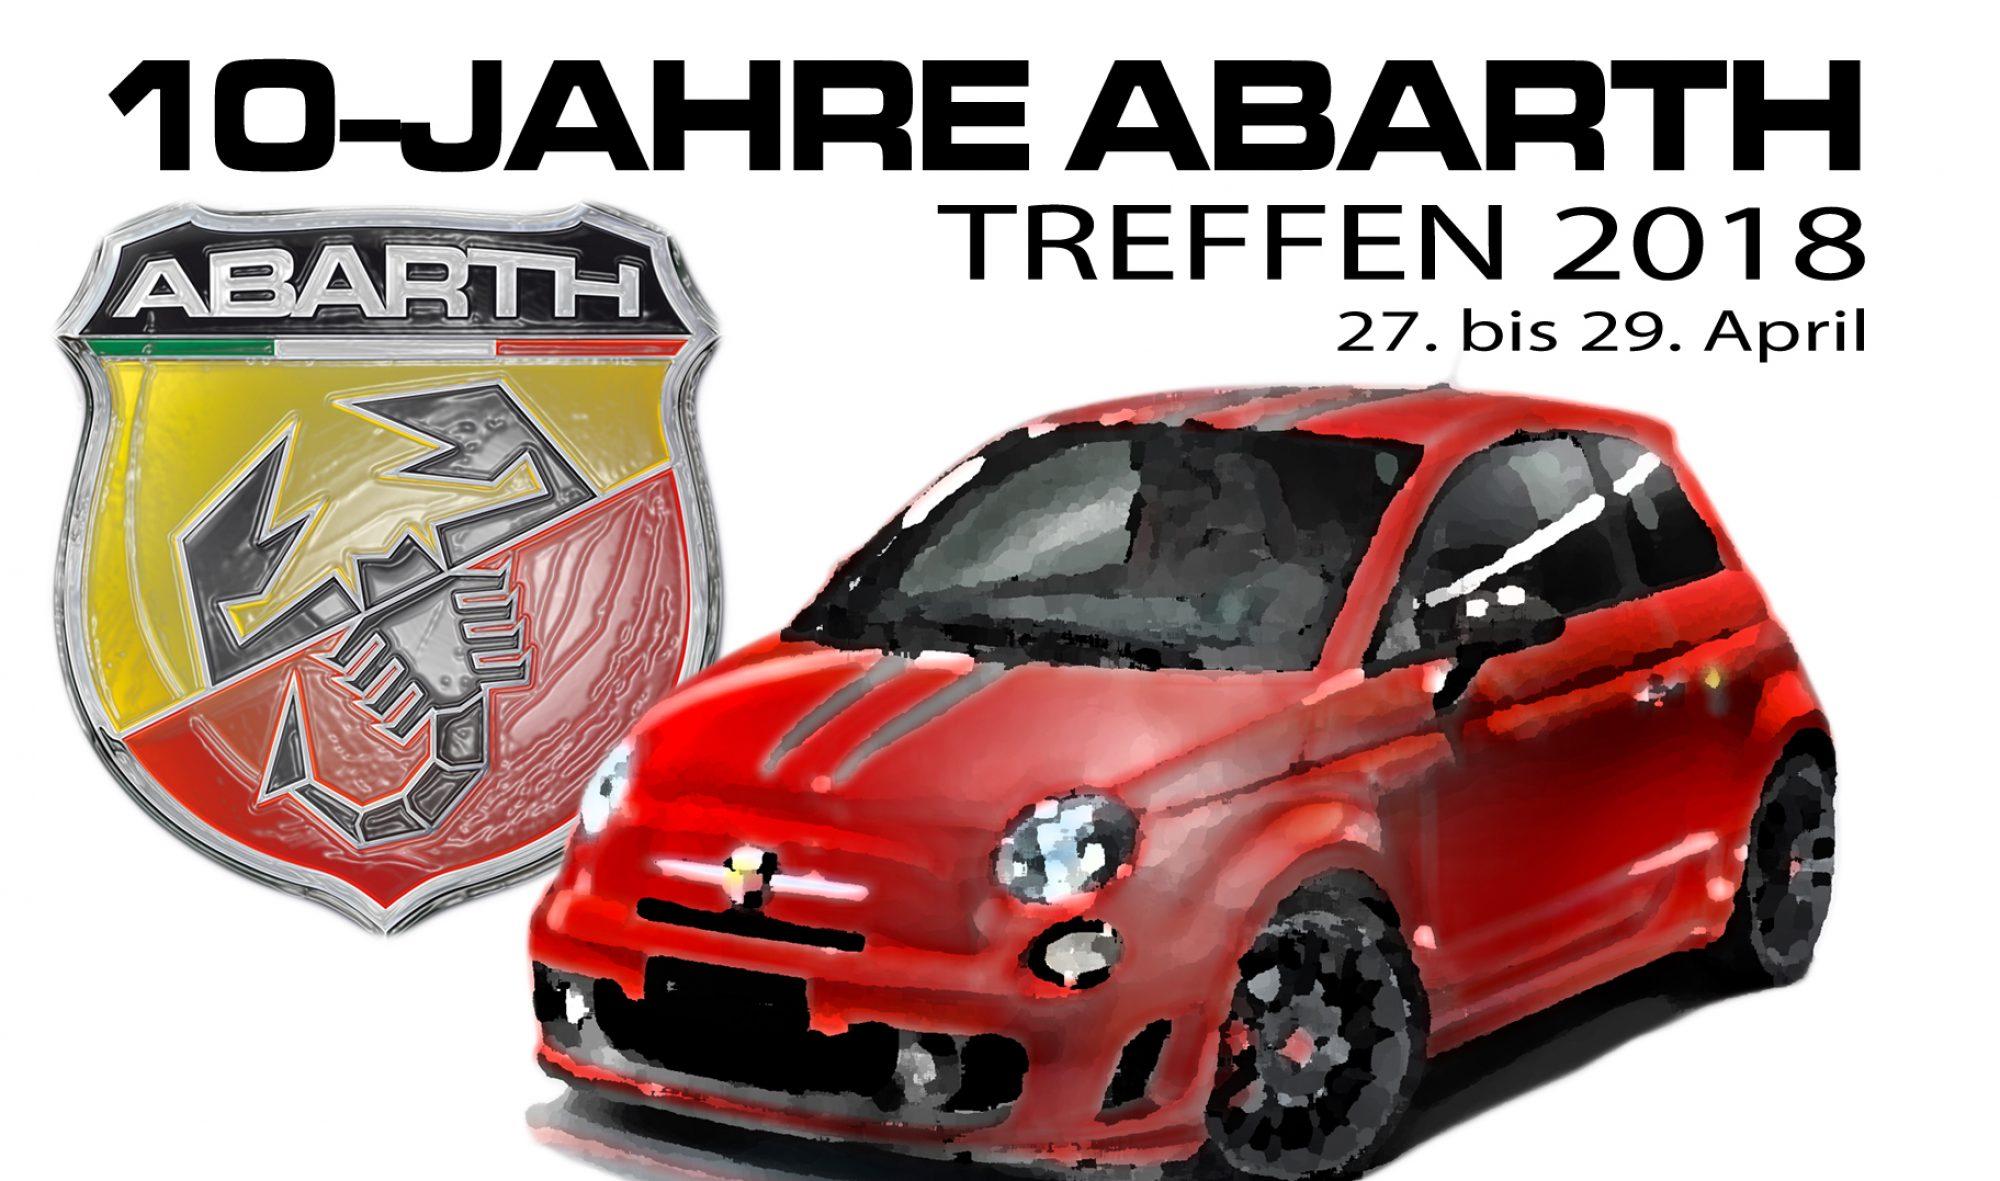 ABARTH TREFFEN